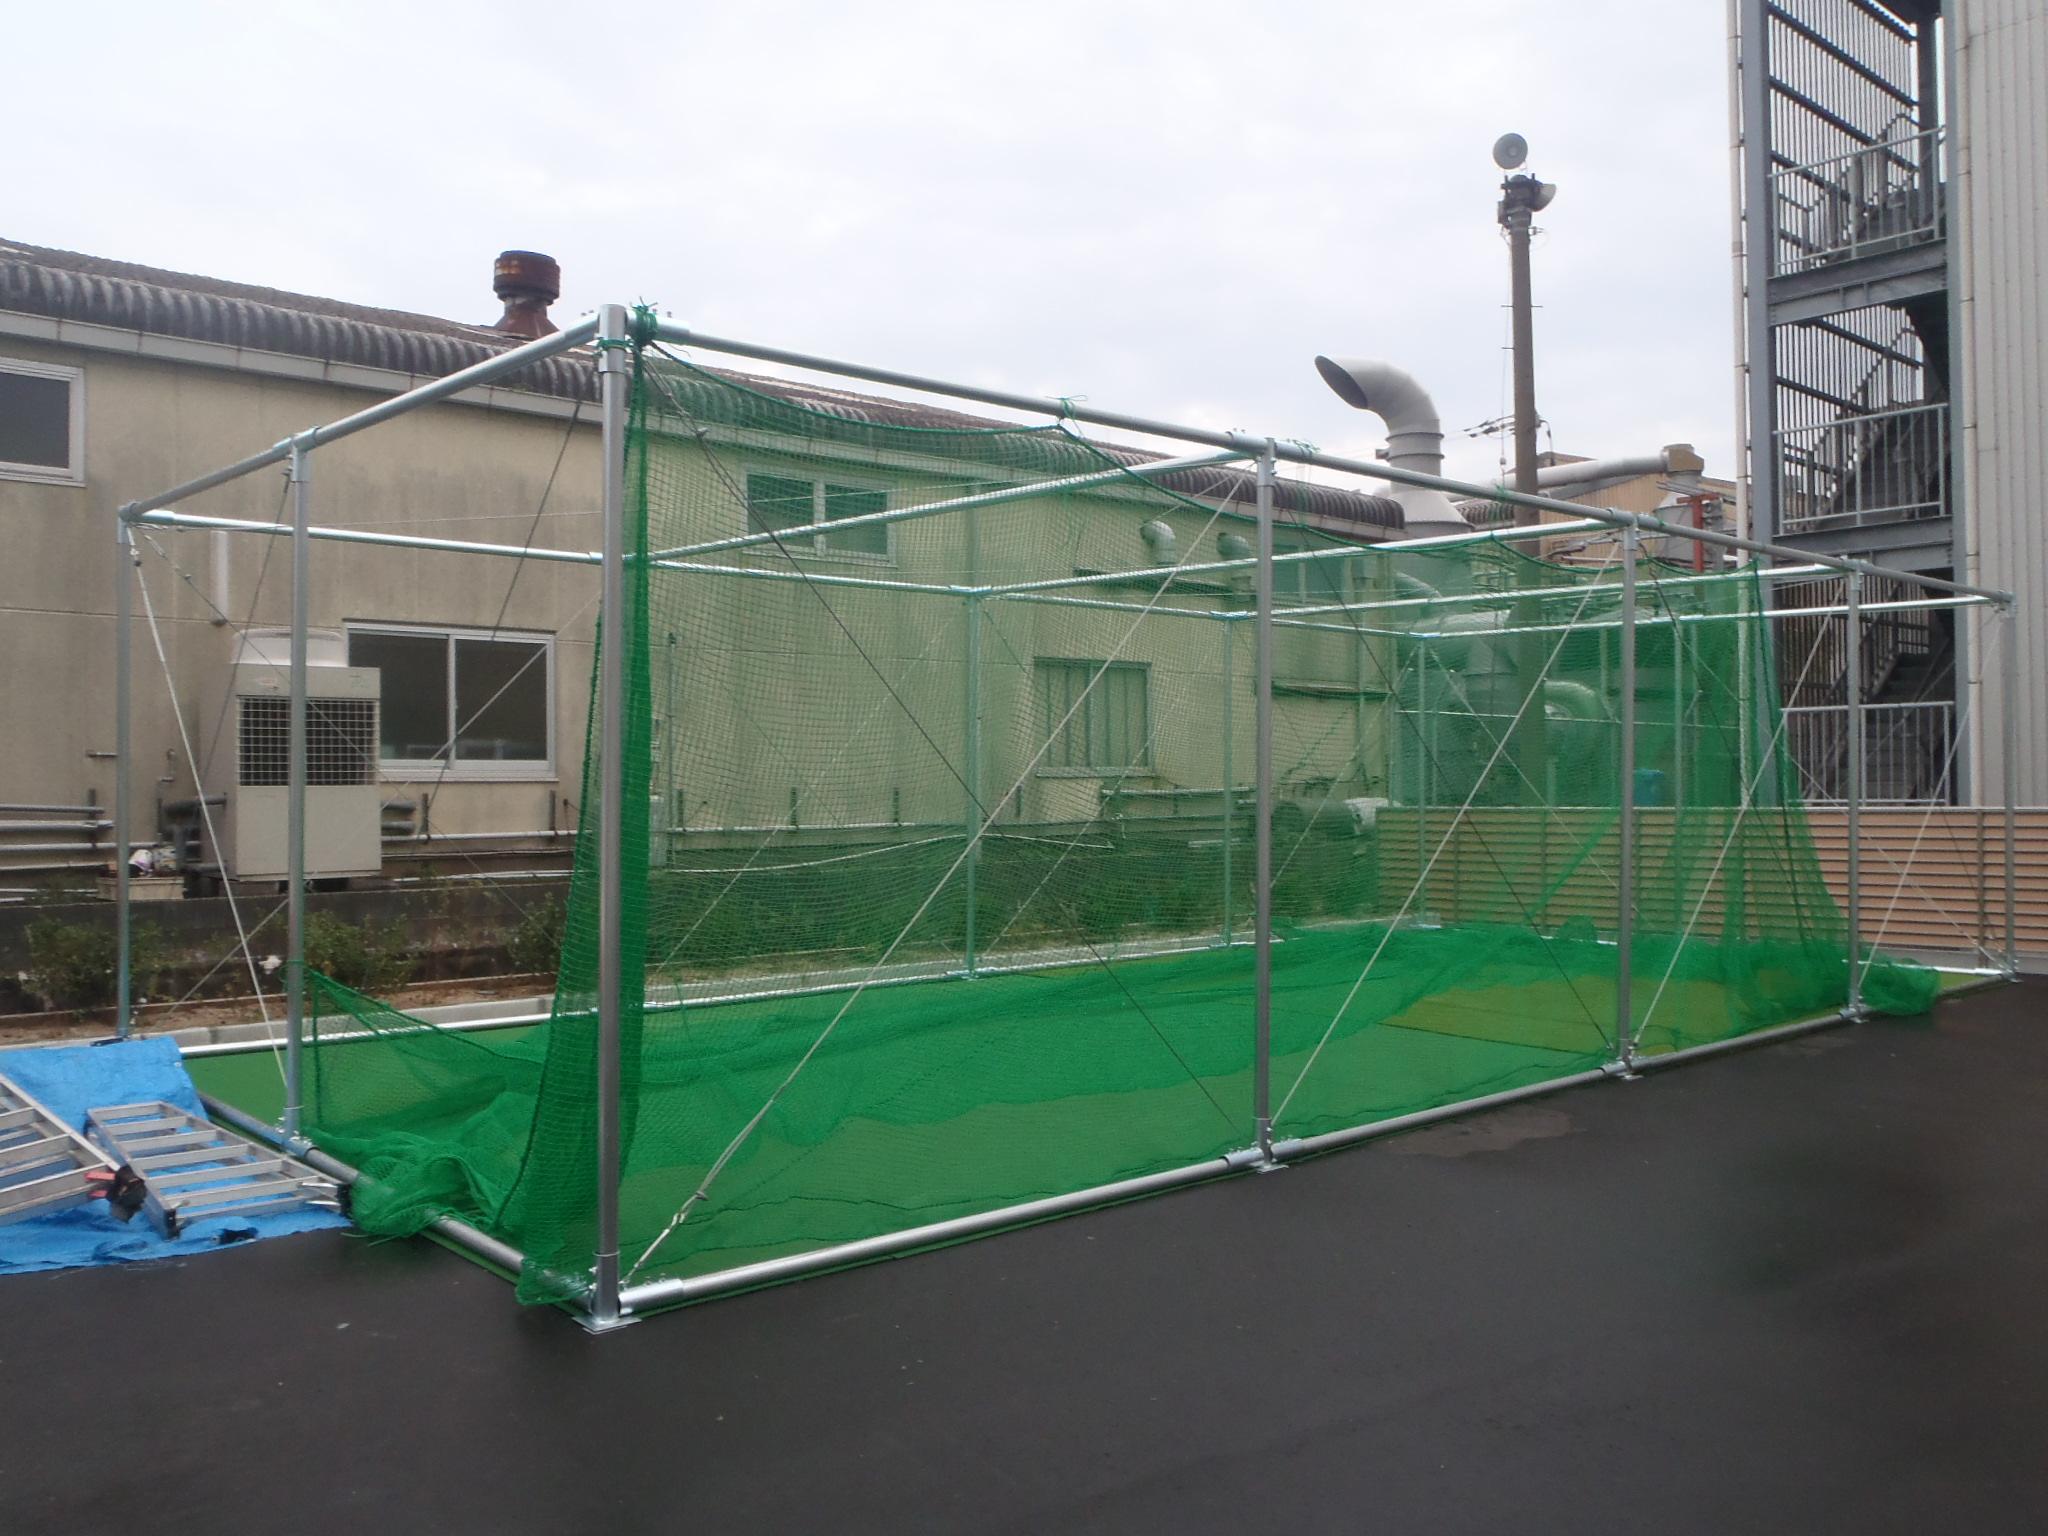 タキゲン福岡支店様 インドアゴルフネット新設工事 image2